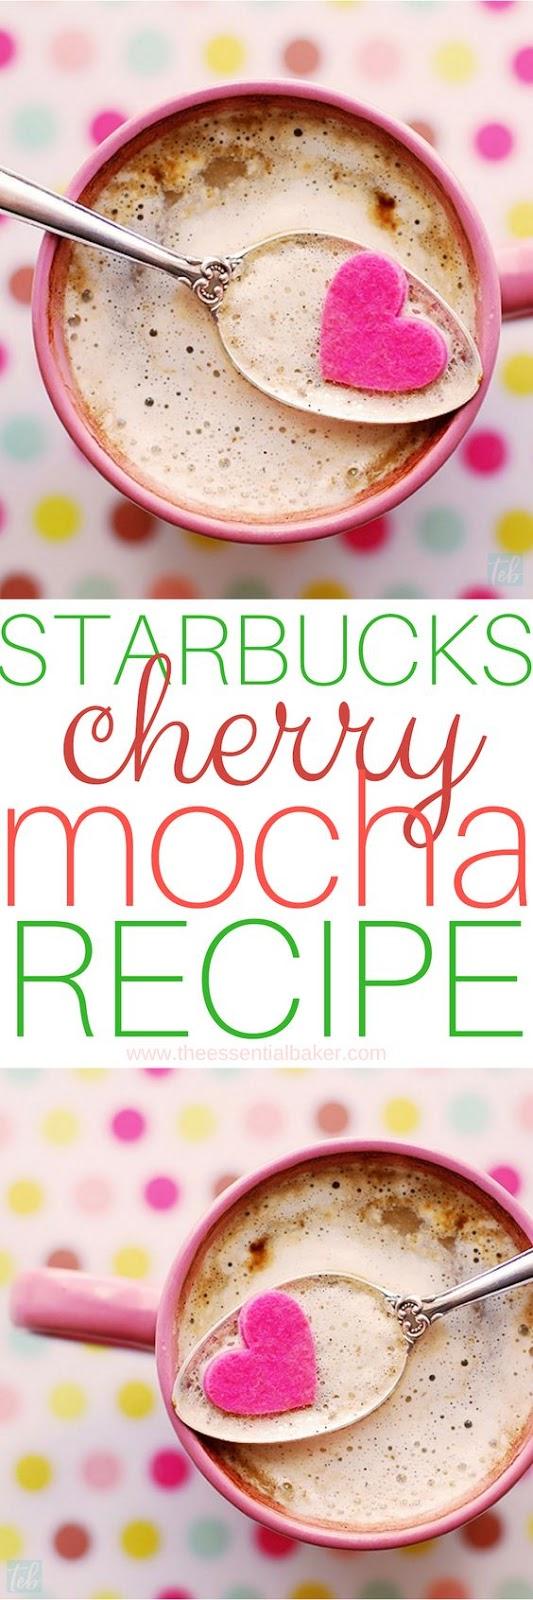 Copycat Starbucks Cherry Mocha Frappuccino copy cat recipes